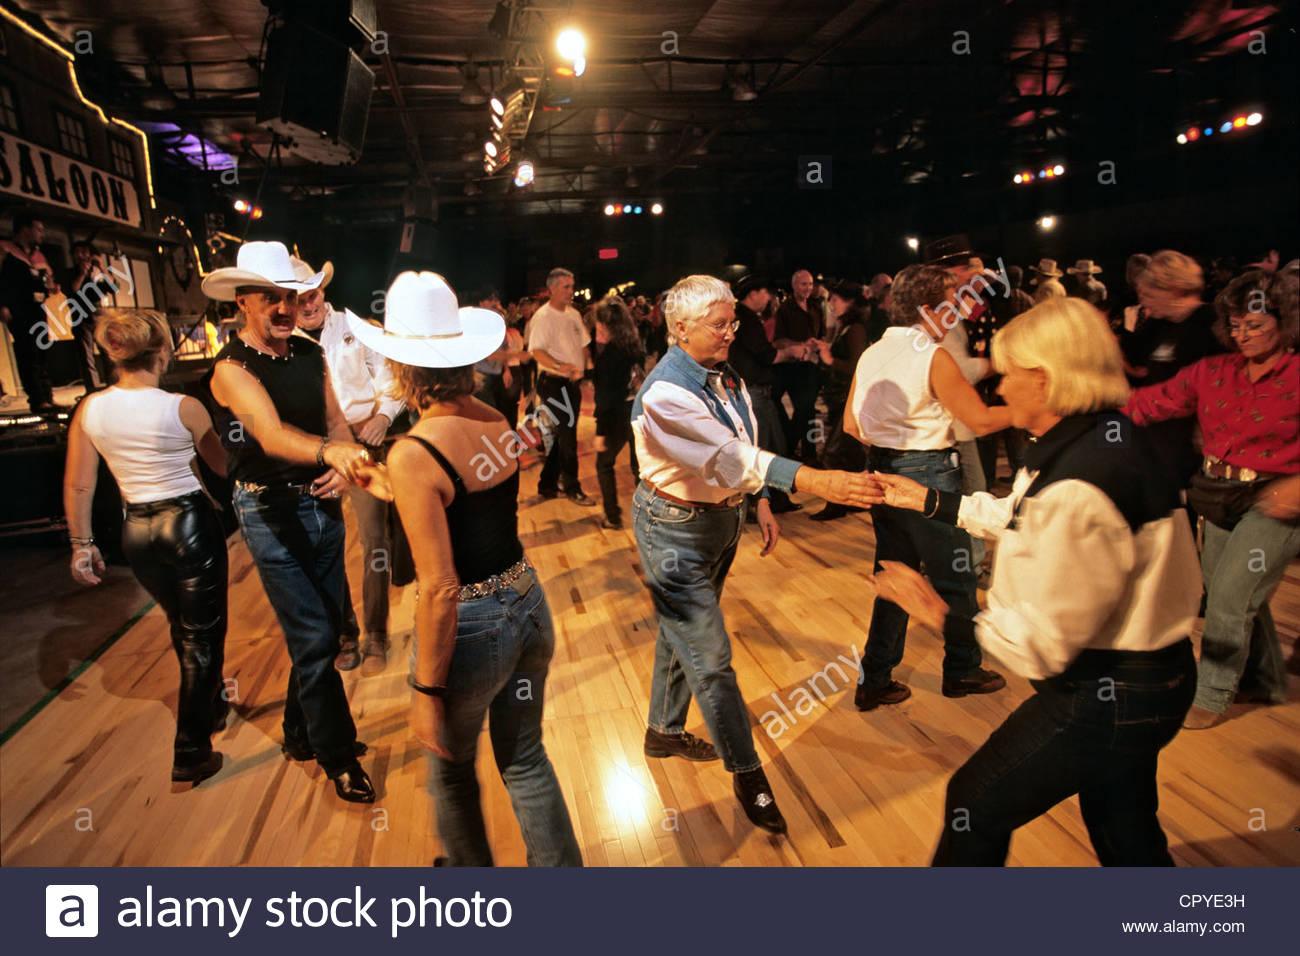 Line Dancing - Section II